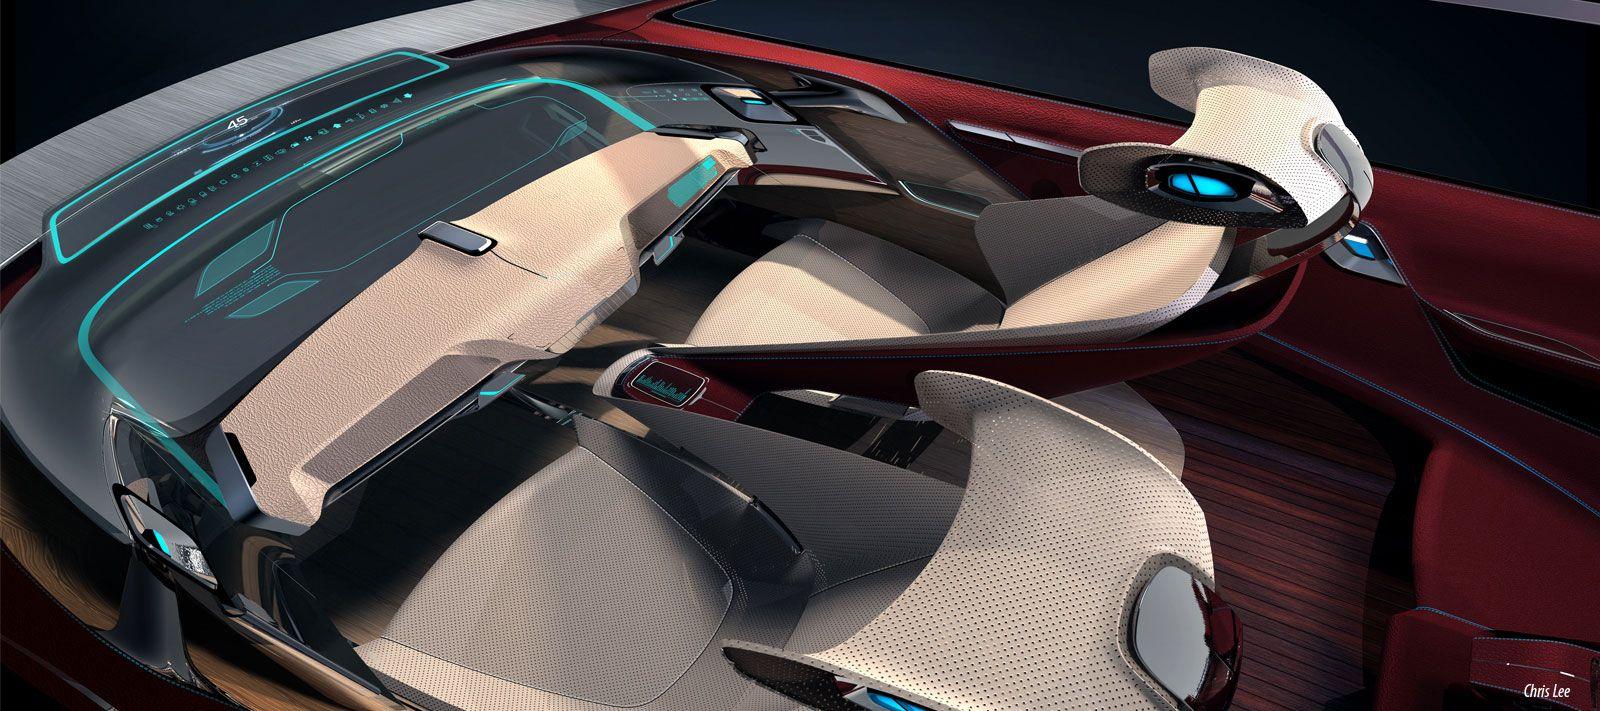 Bmw I7 Concept Interior Design Sketch Car Interior Design Car